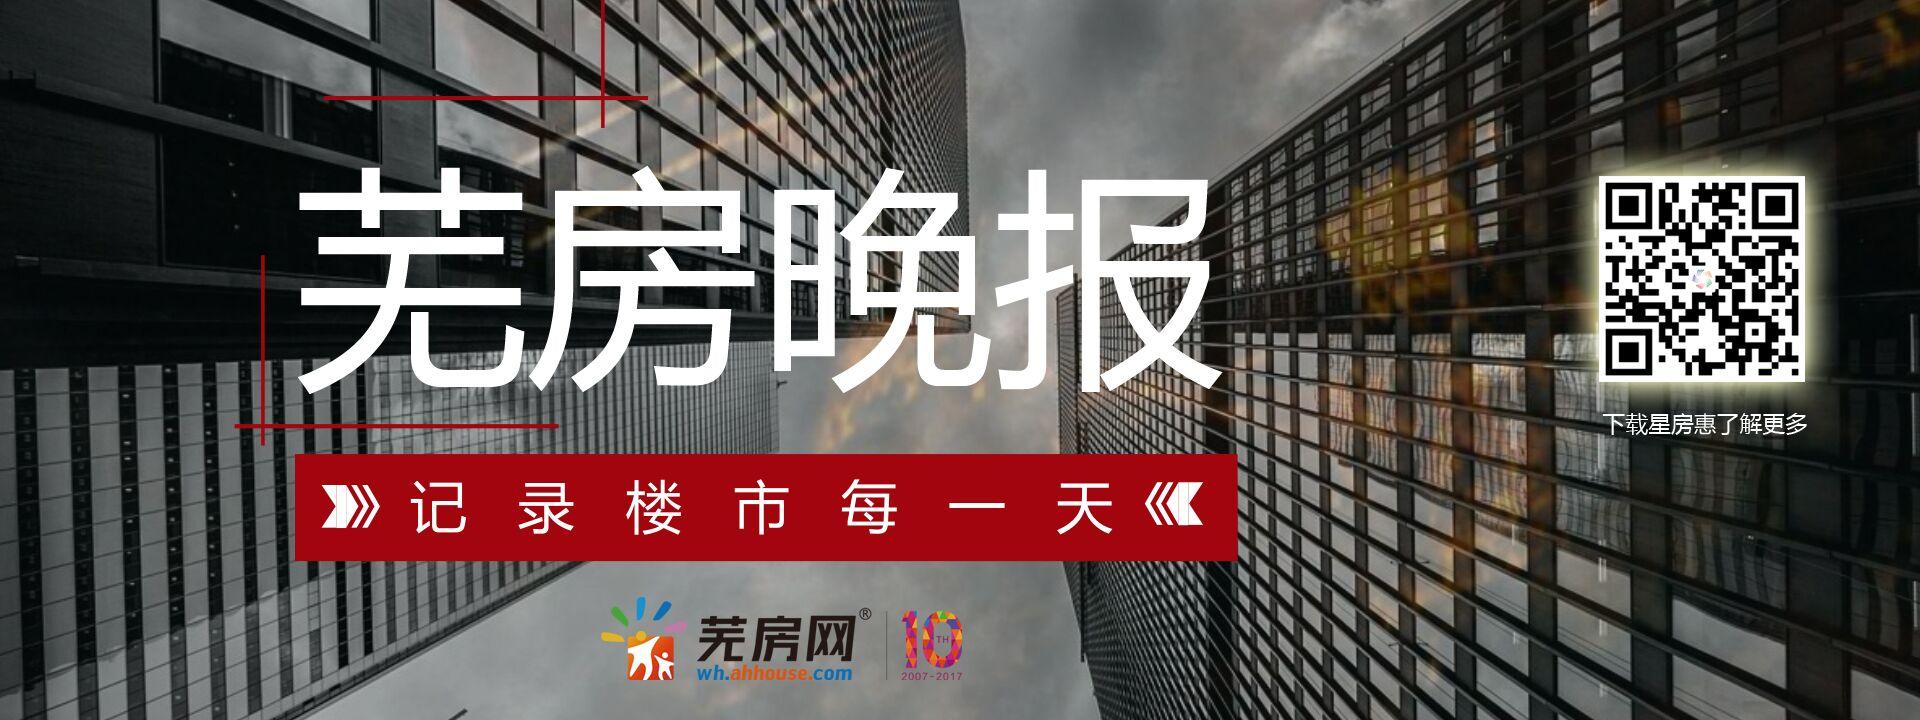 9.21芜房晚报:9月芜湖房租大调查 约七成小区上涨